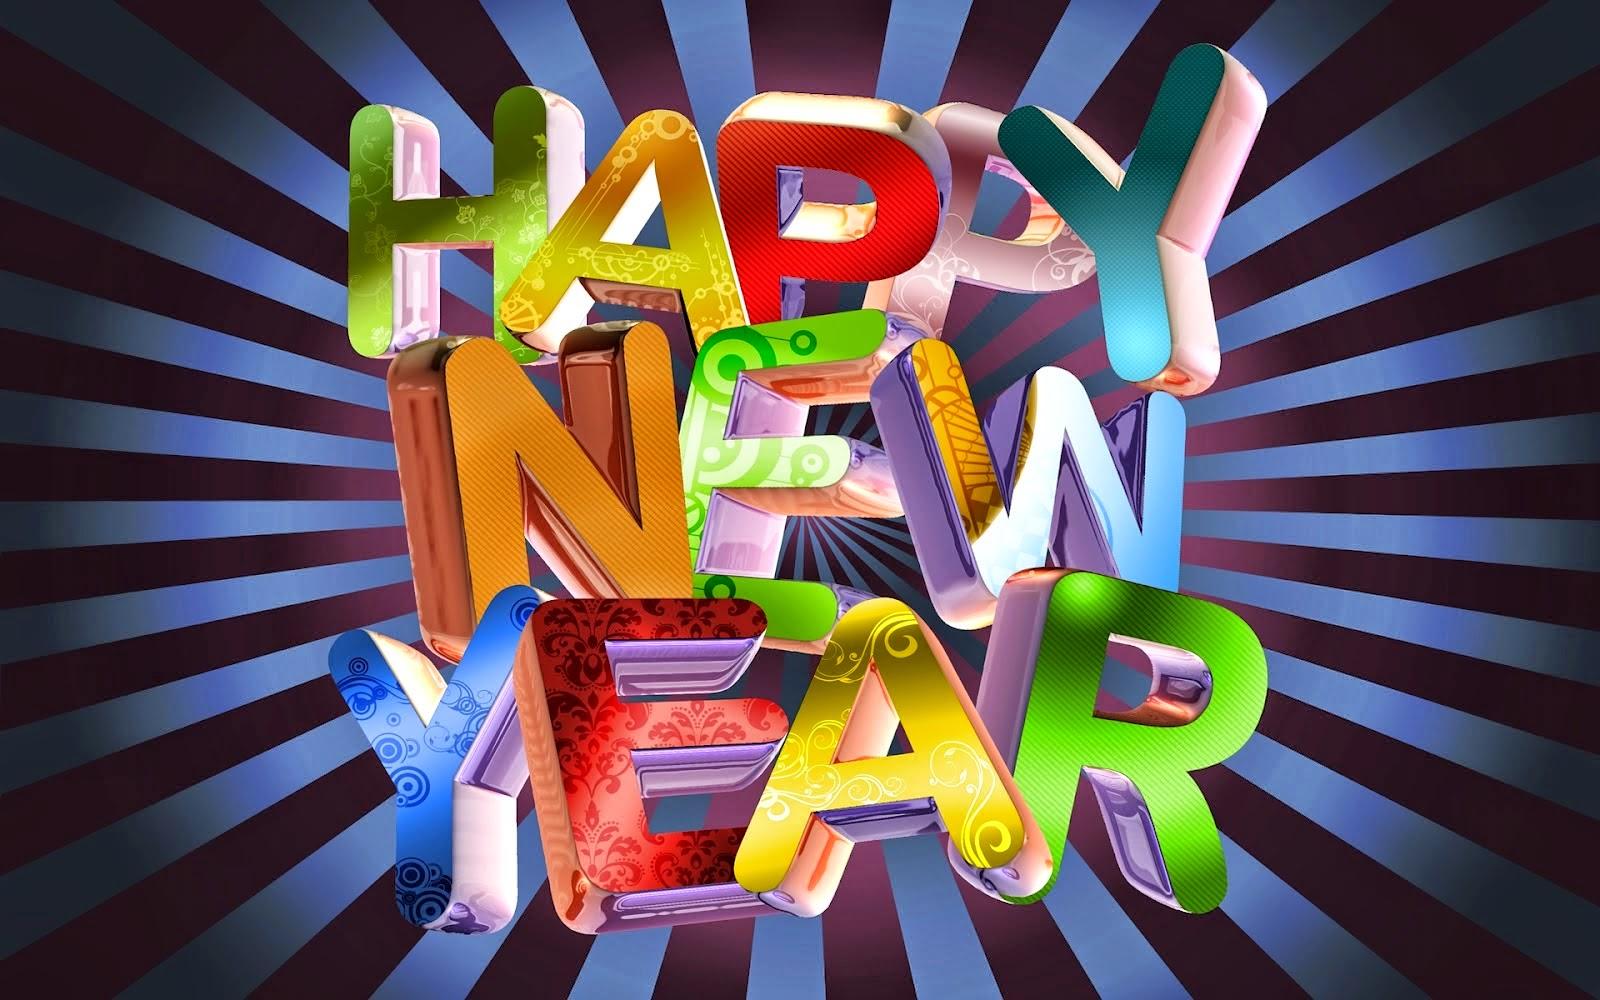 Hình nền chúc mừng năm mới 2016 - ảnh 7